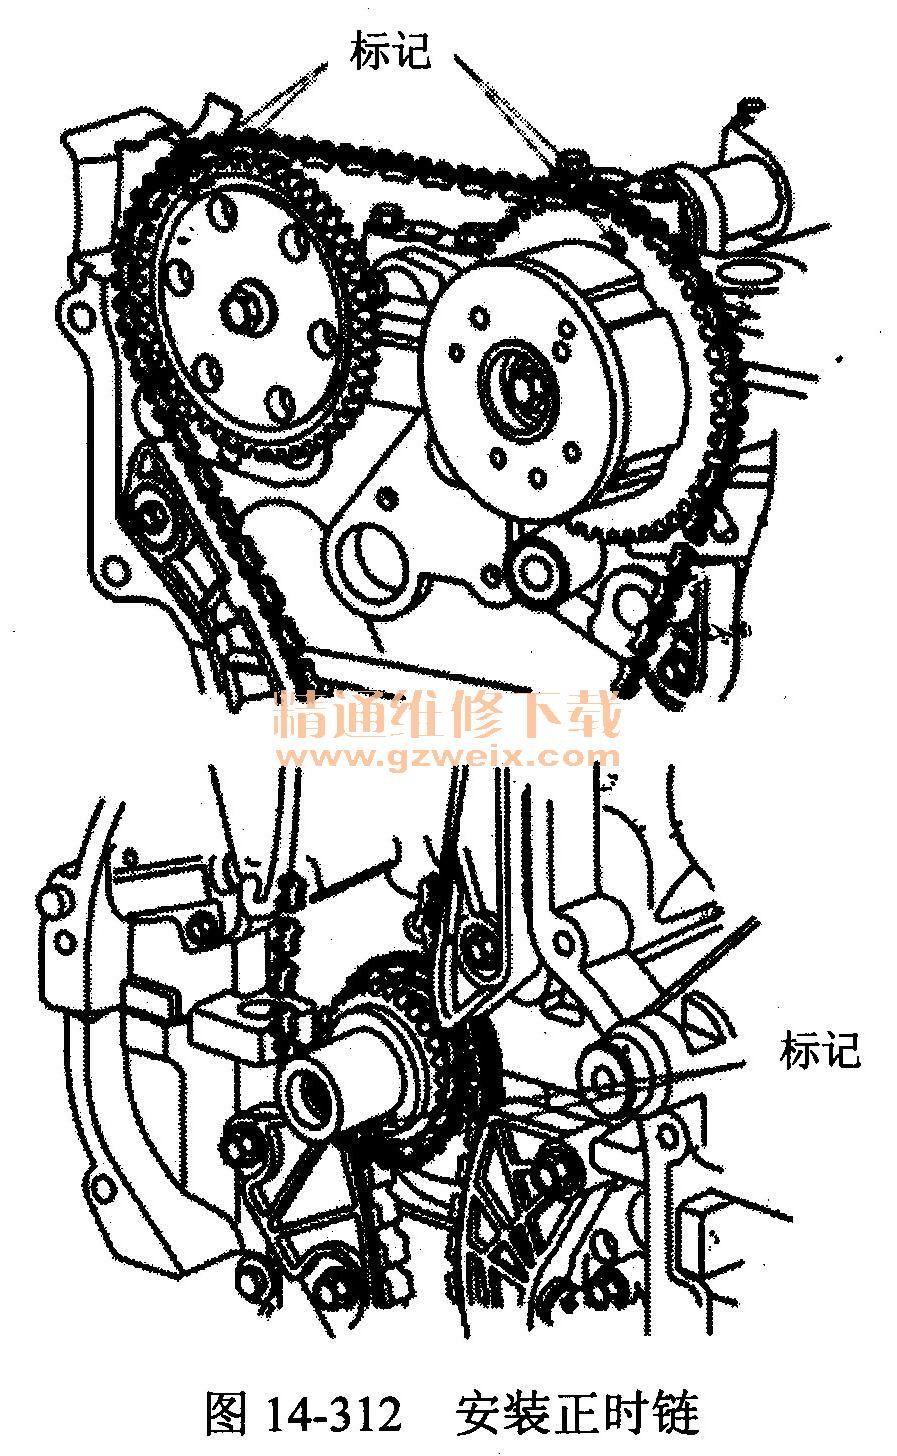 北京现代御翔 g4kc 2.4 l型发动机 正时 校对方高清图片